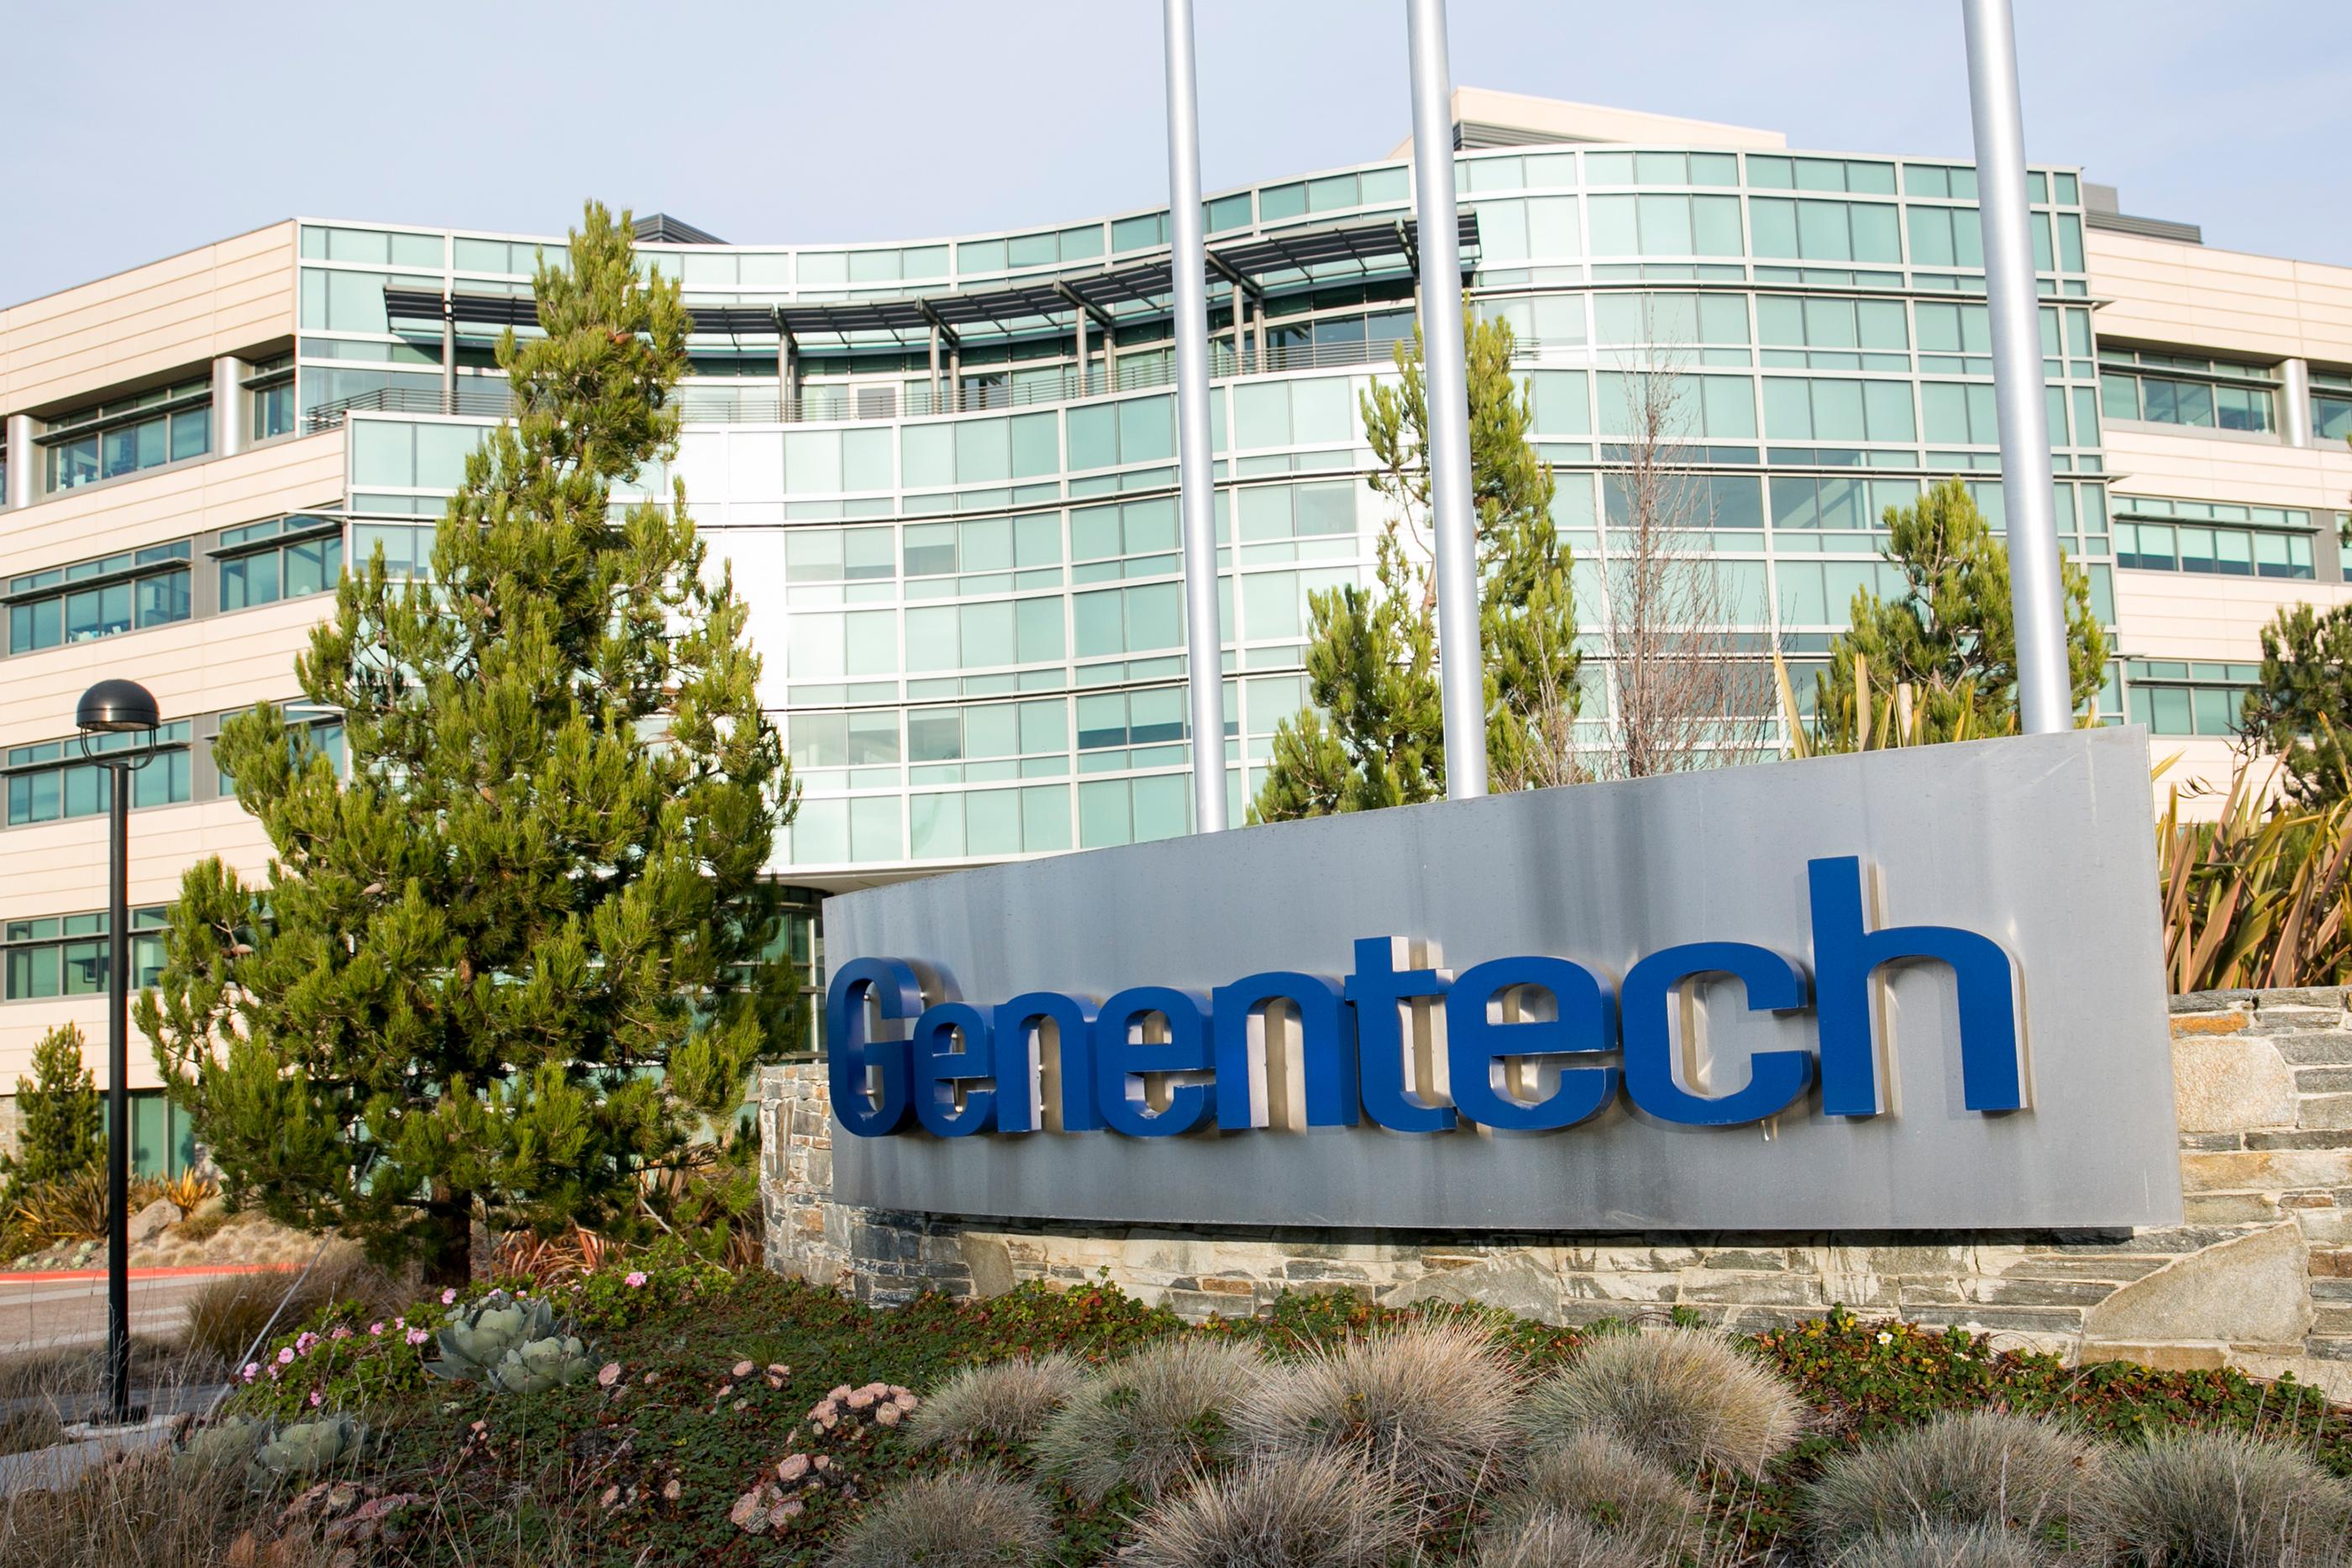 171009-employee-perks-genentech